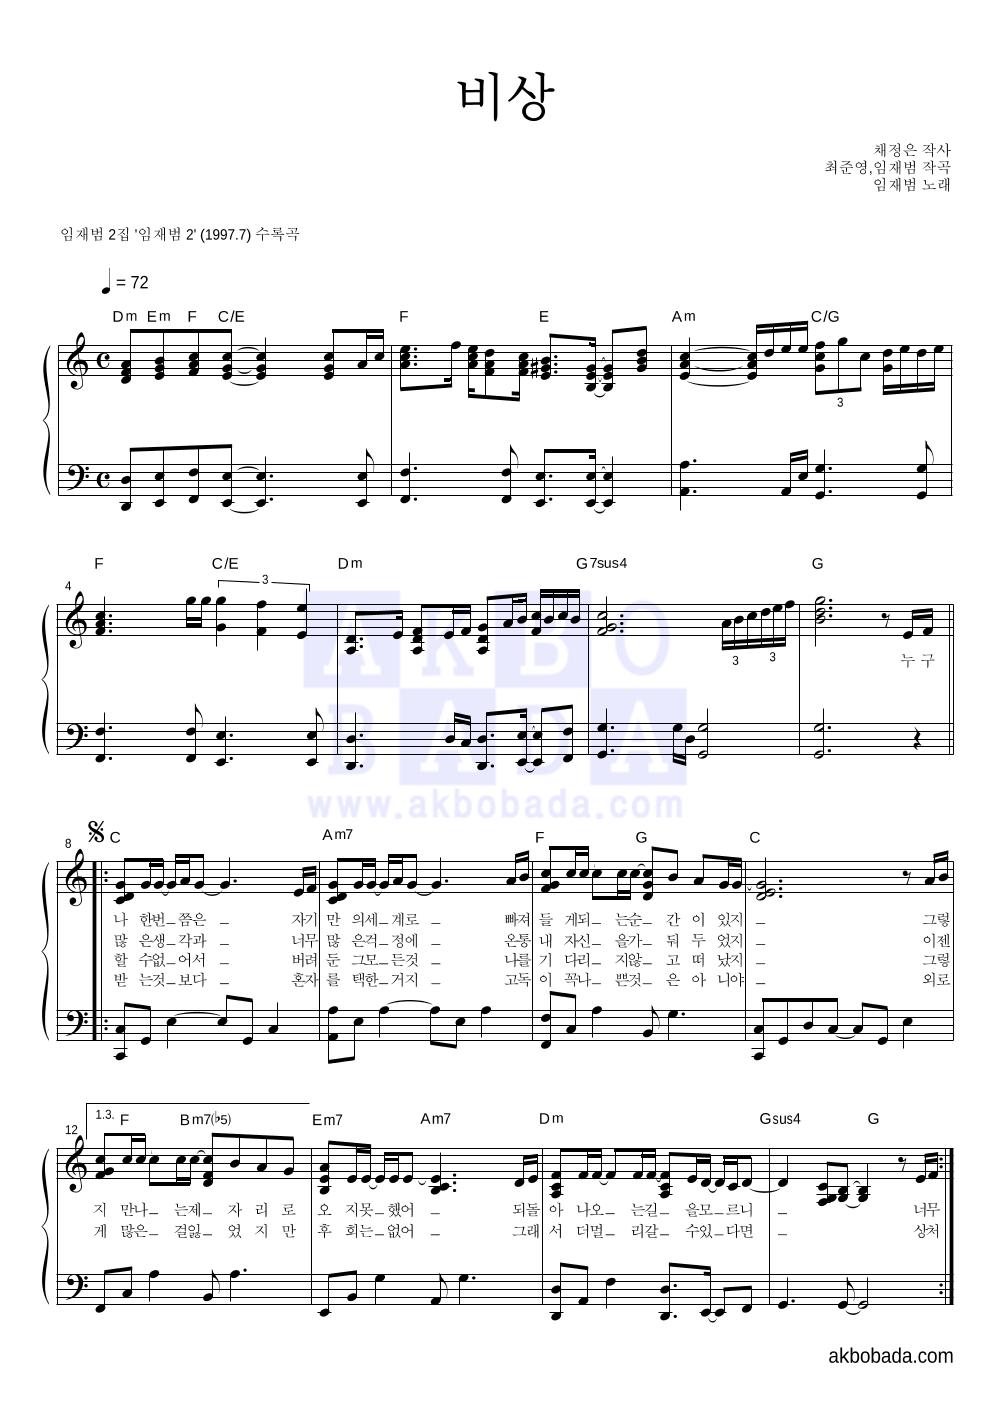 임재범 - 비상 피아노 2단 악보